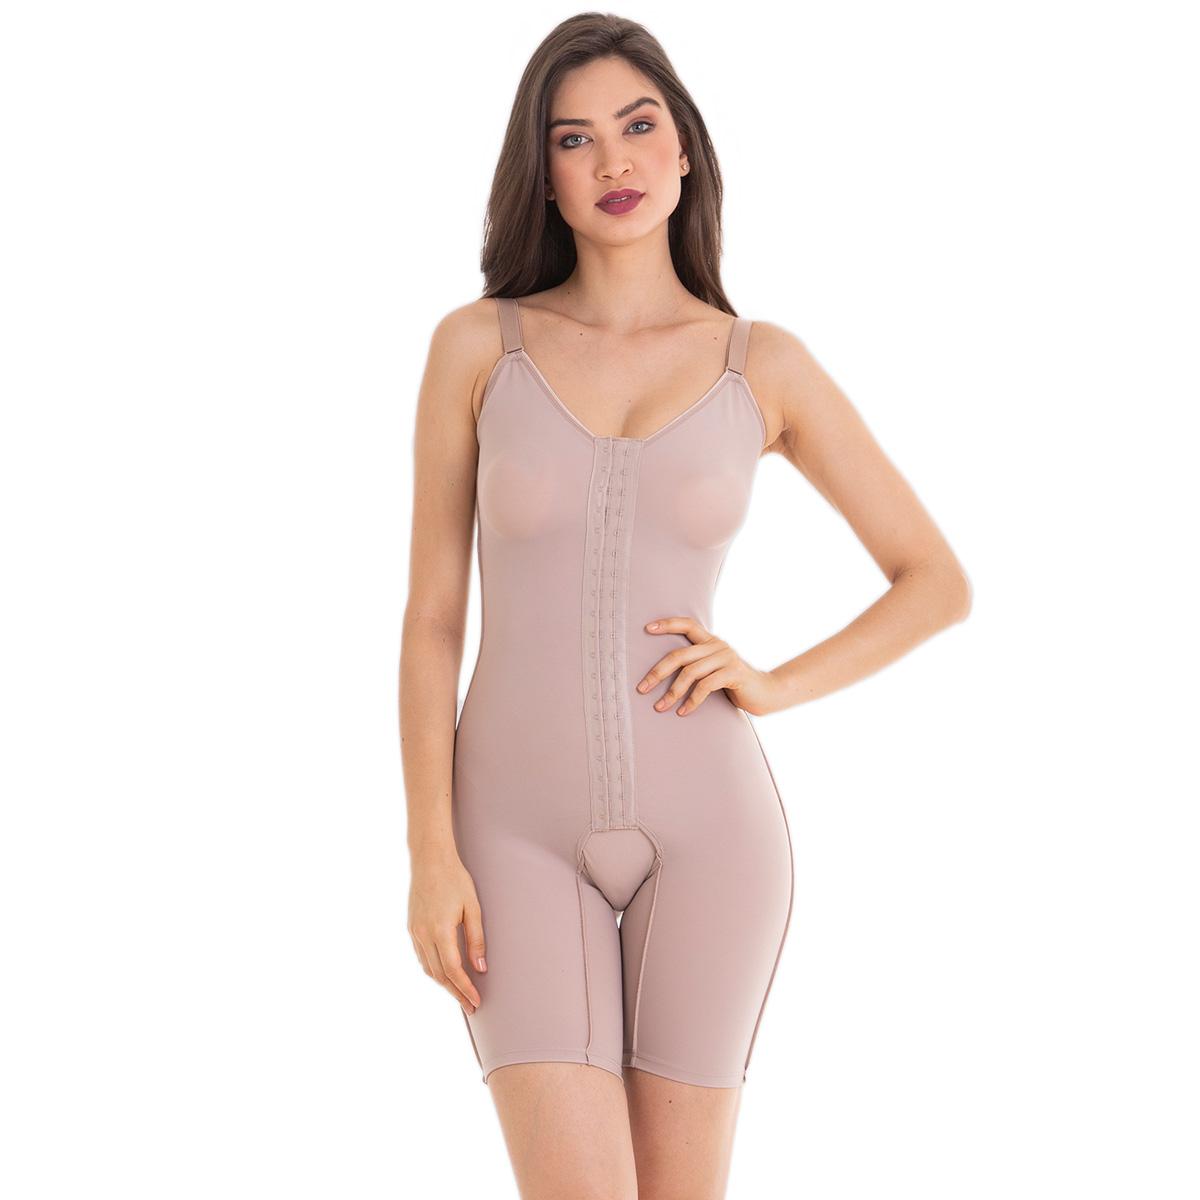 Cinta body Modelador compressão macaquinho com perna Esbelt